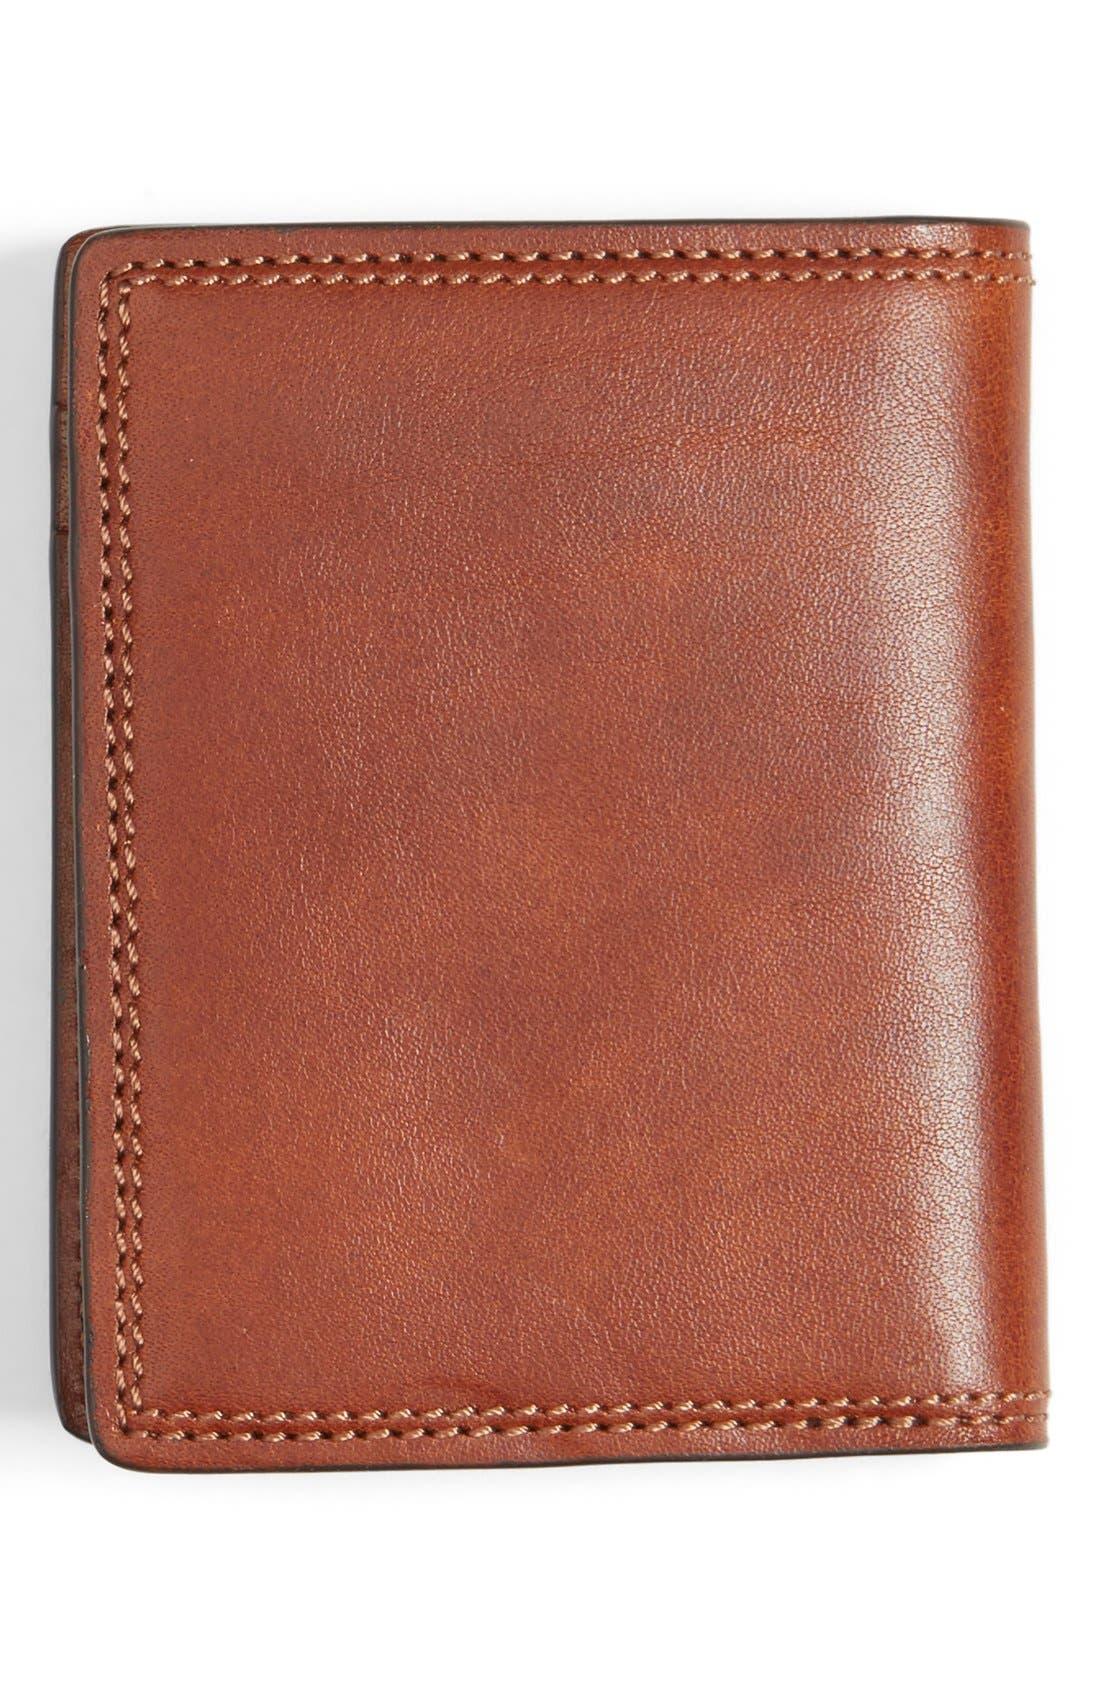 Alternate Image 3  - Bosca Leather Front Pocket Money Clip Wallet